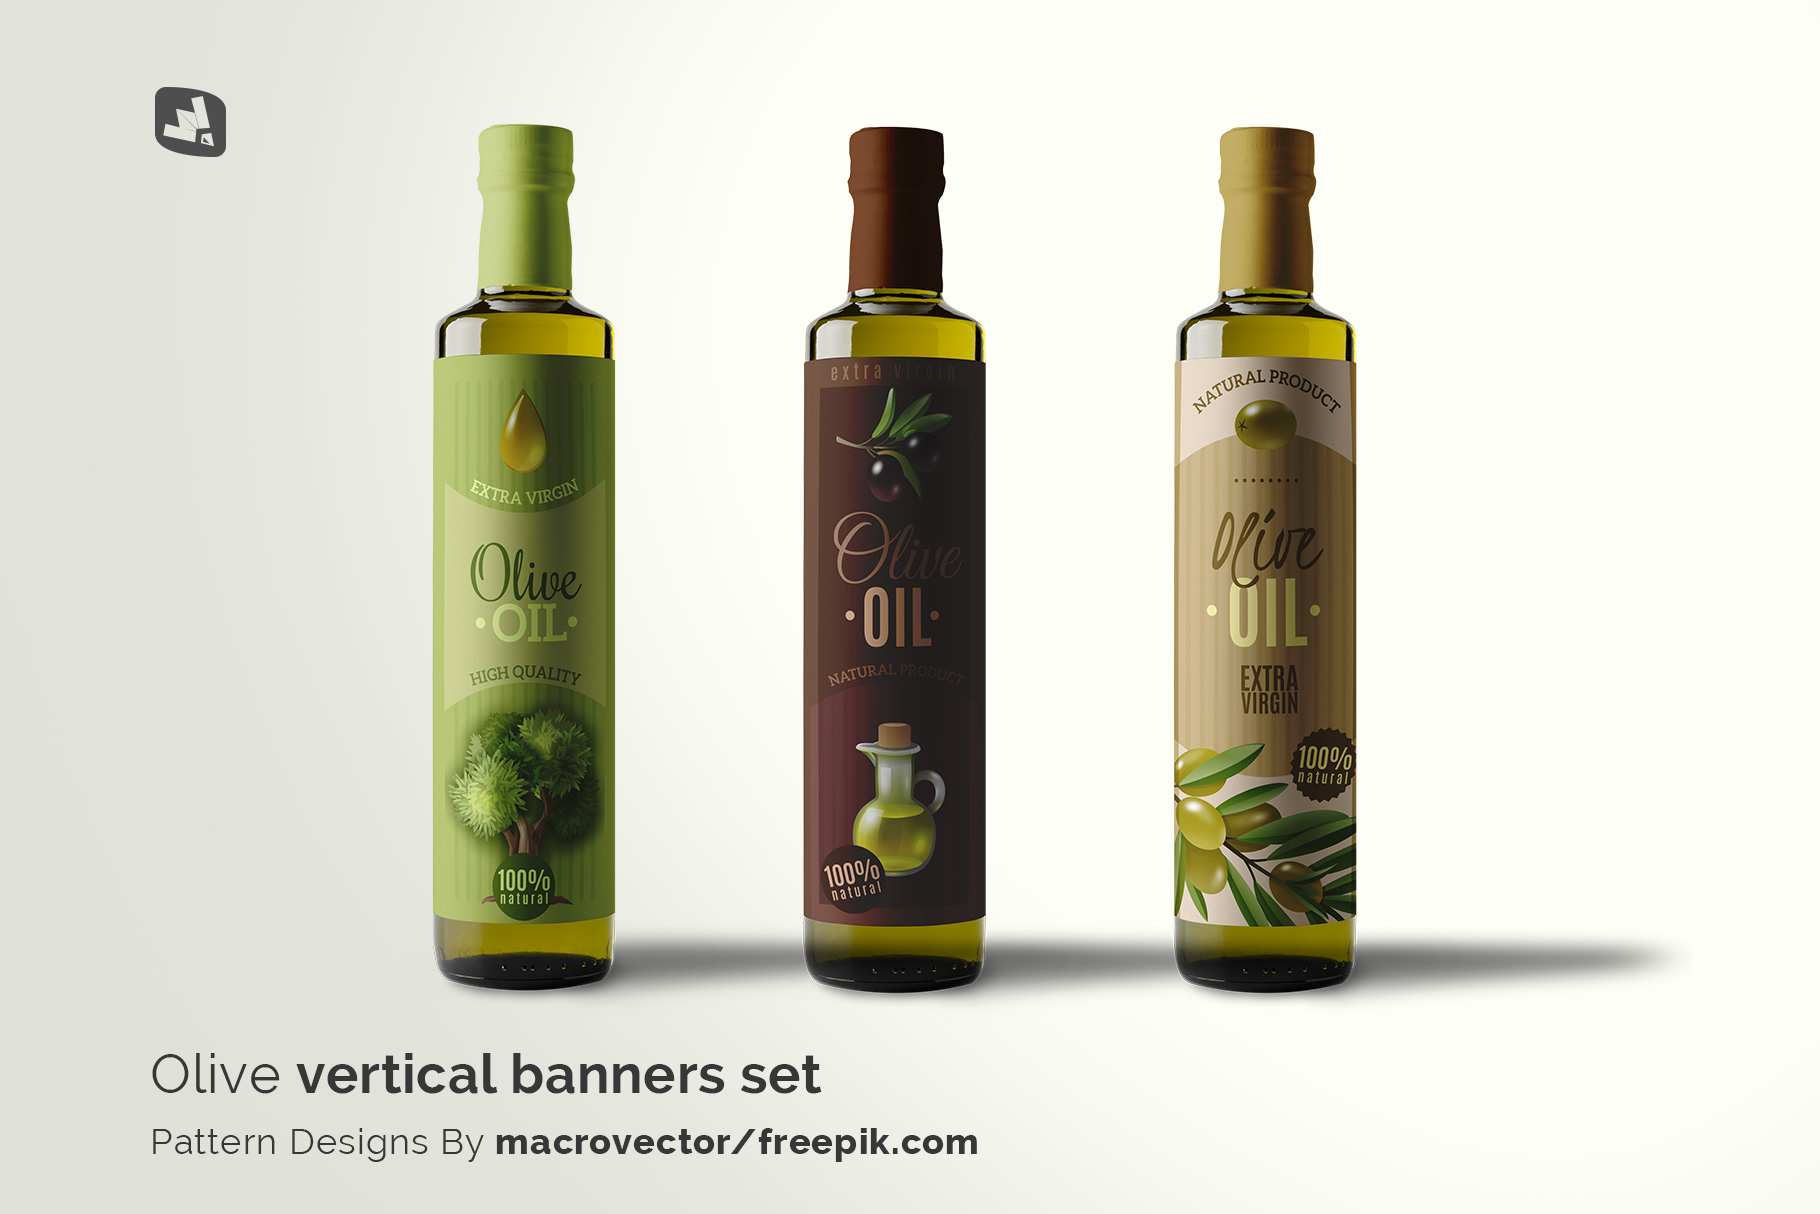 designer's credit of the cooking oil bottle packaging mockup